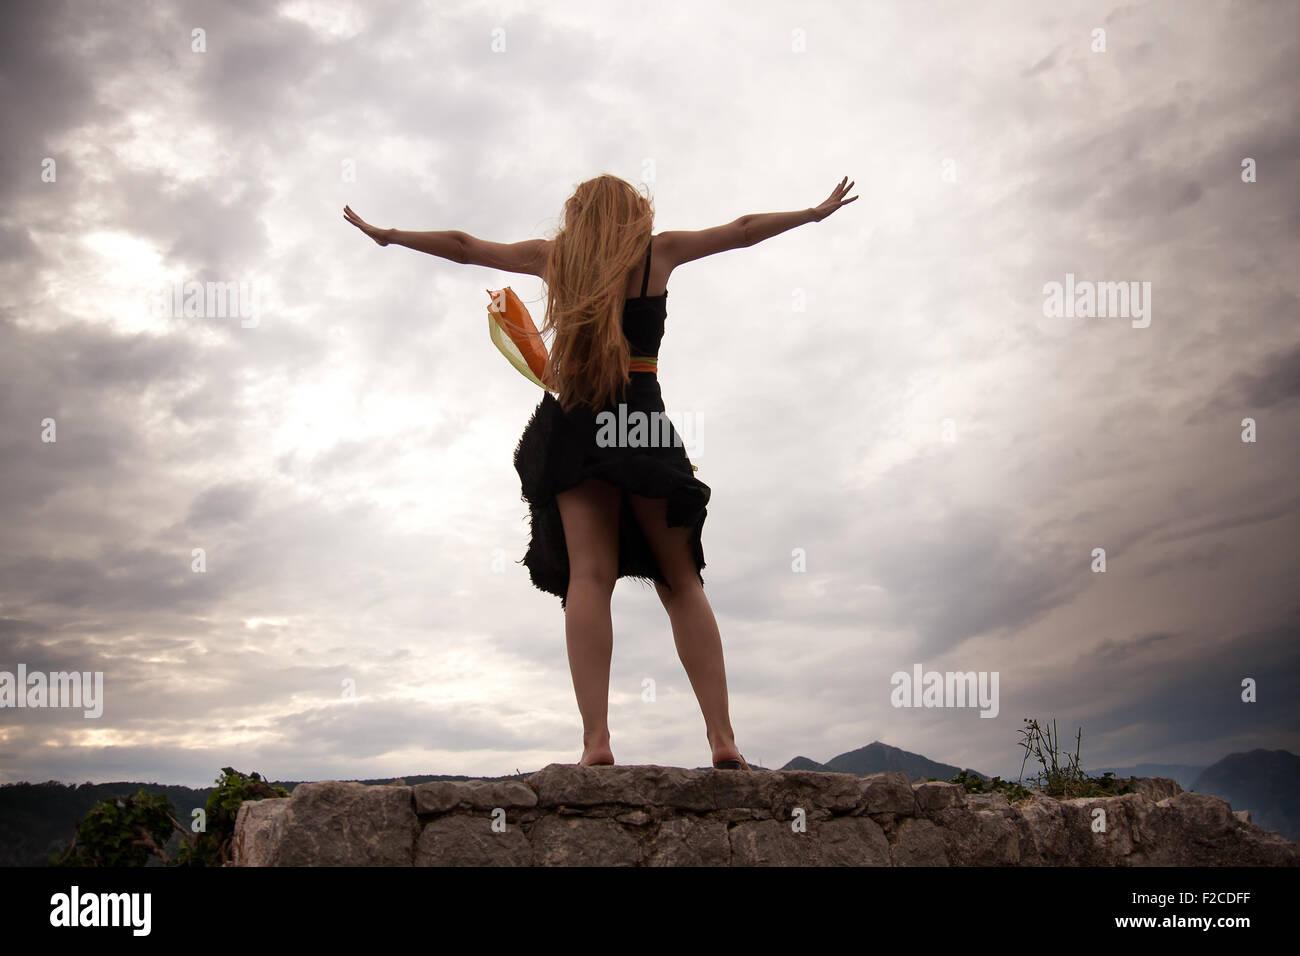 Freiheit-Konzept - abenteuerliche Frau auf Berggipfel Stockbild